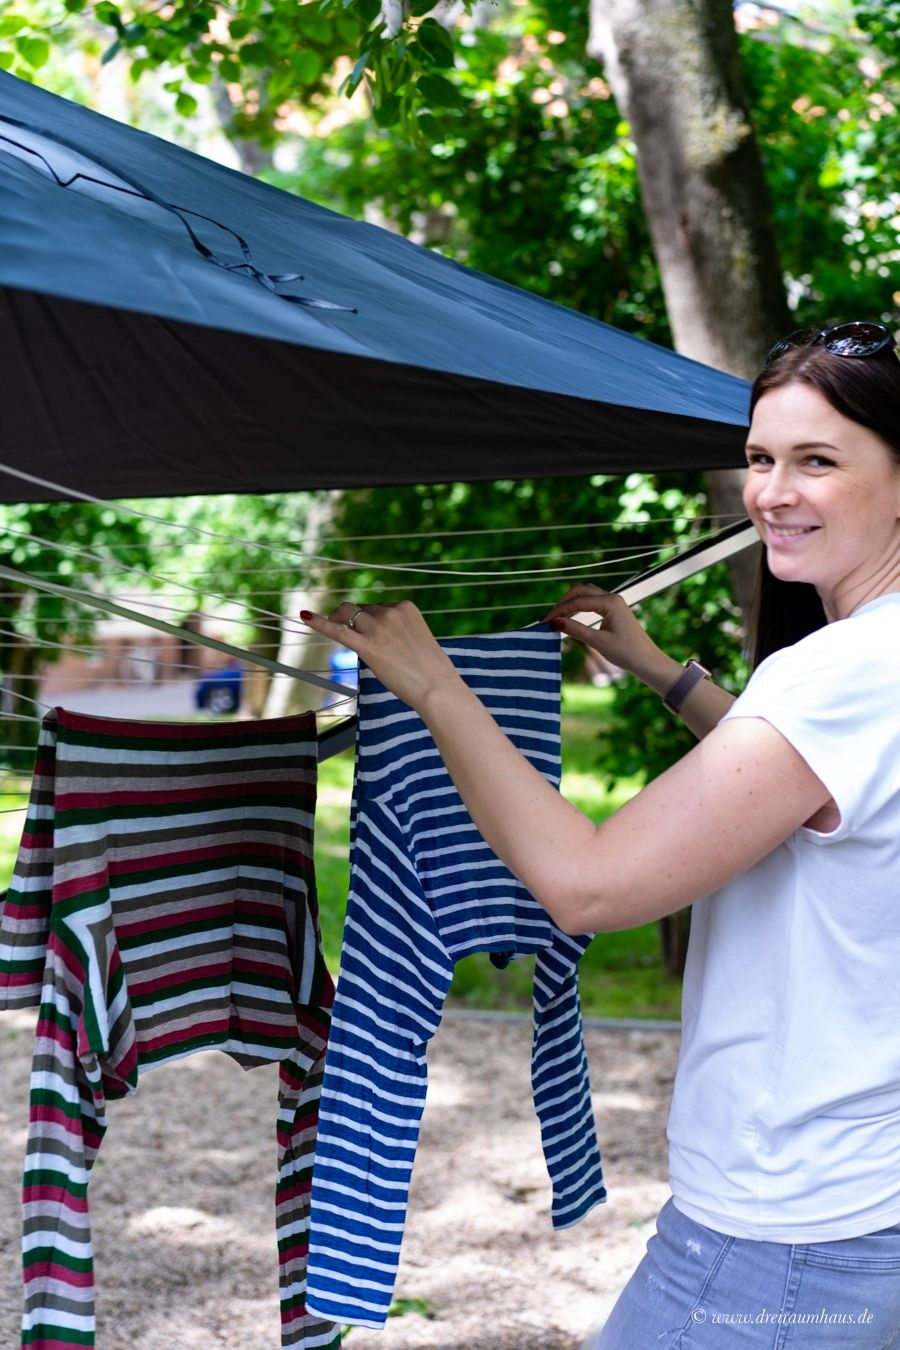 Lifestyle mal anders! Warum Wäsche manchmal einen Schirm braucht - wir testen die erste Wäschespinne mit Dach! Leifheit LinoProtect 400.